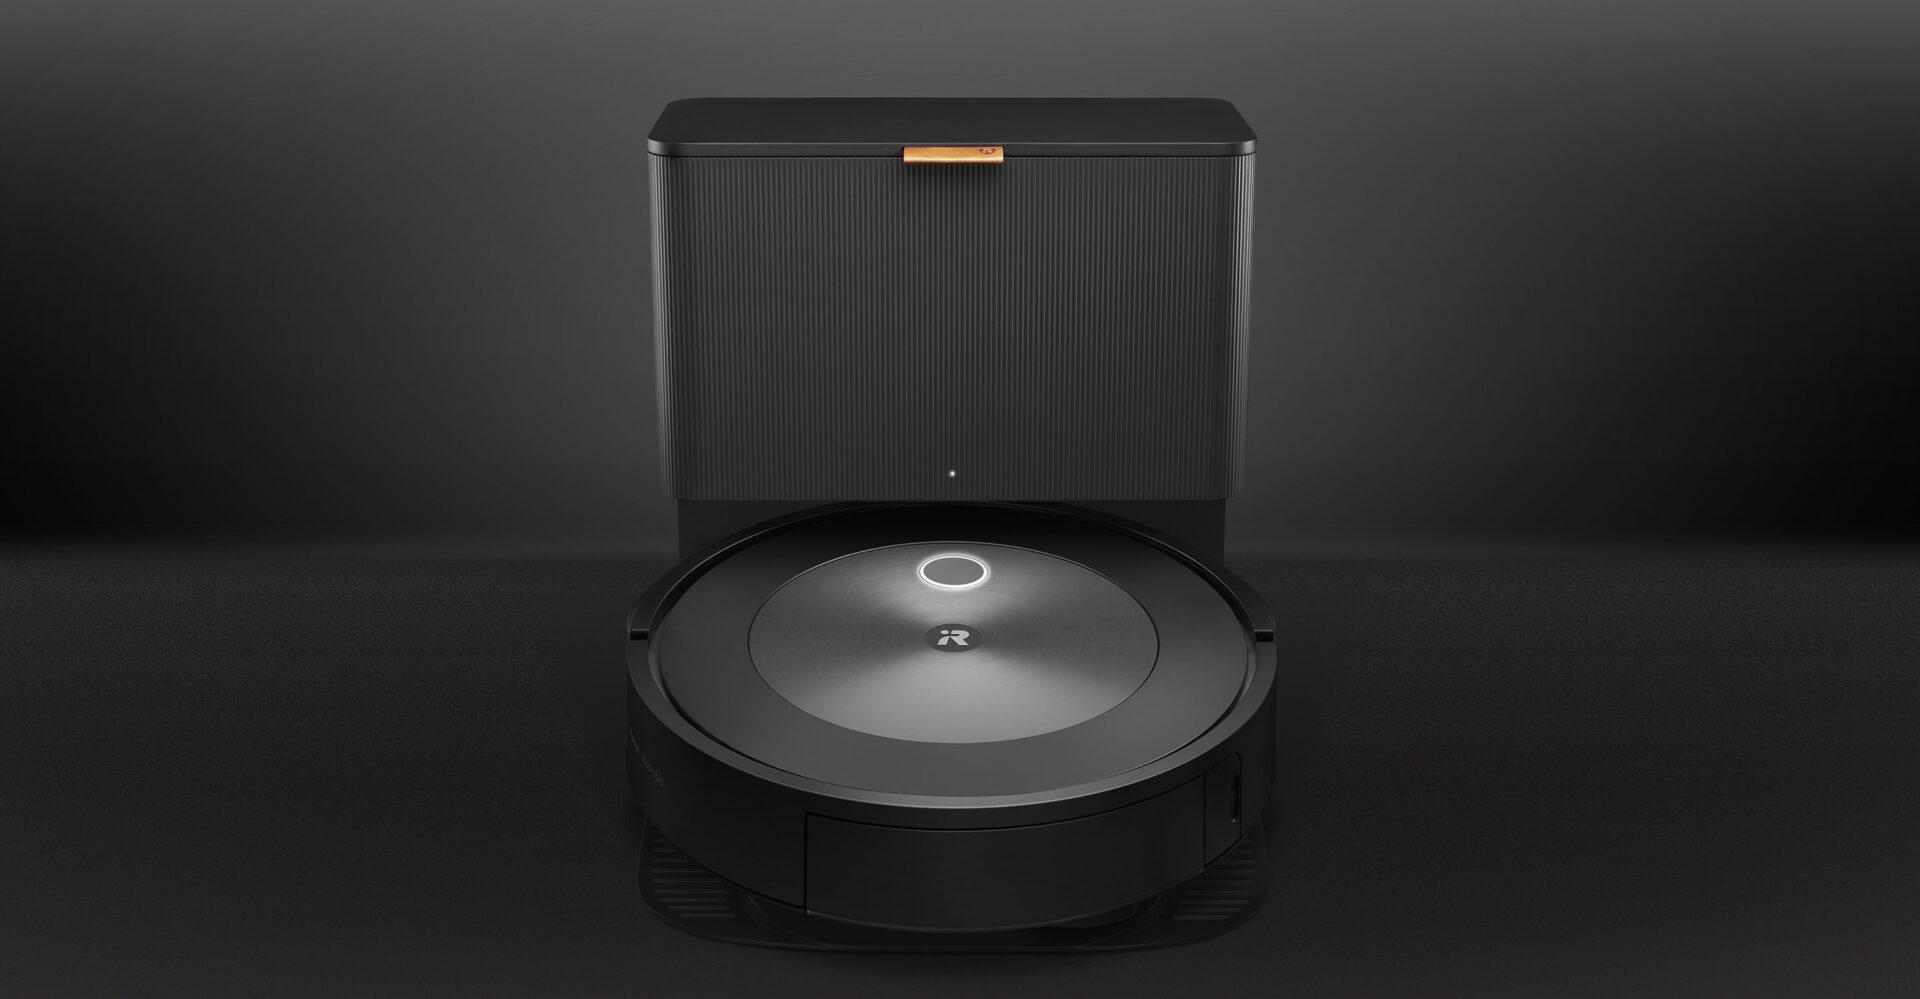 Σας παρουσιάζουμε τη νέα Roomba j7+